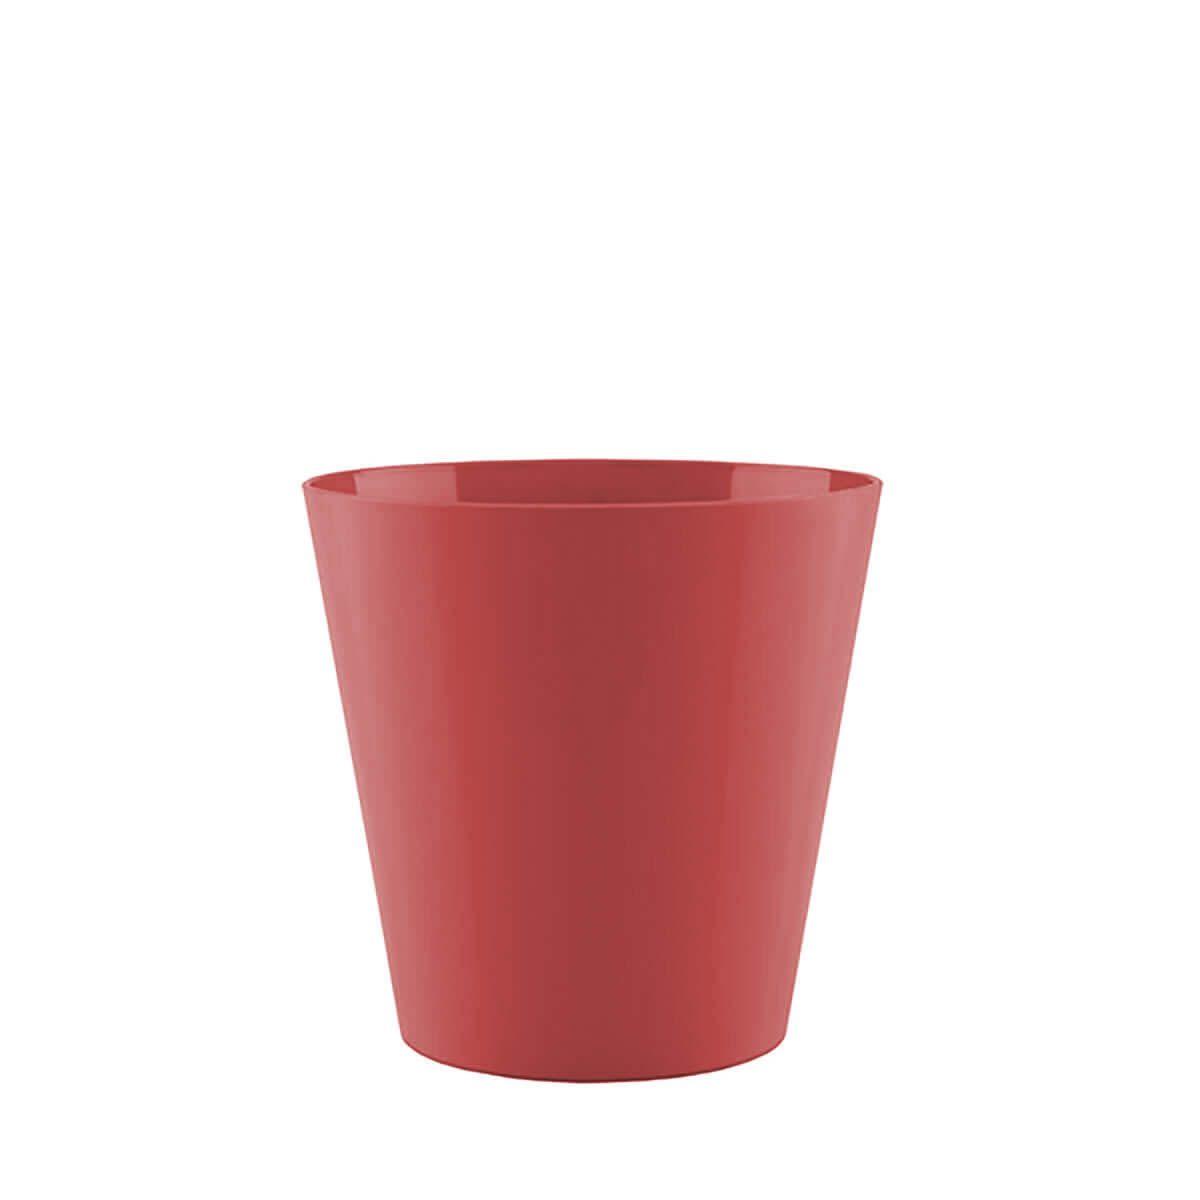 Vaso Porto 18 x 16 cm Vermelho Vasart